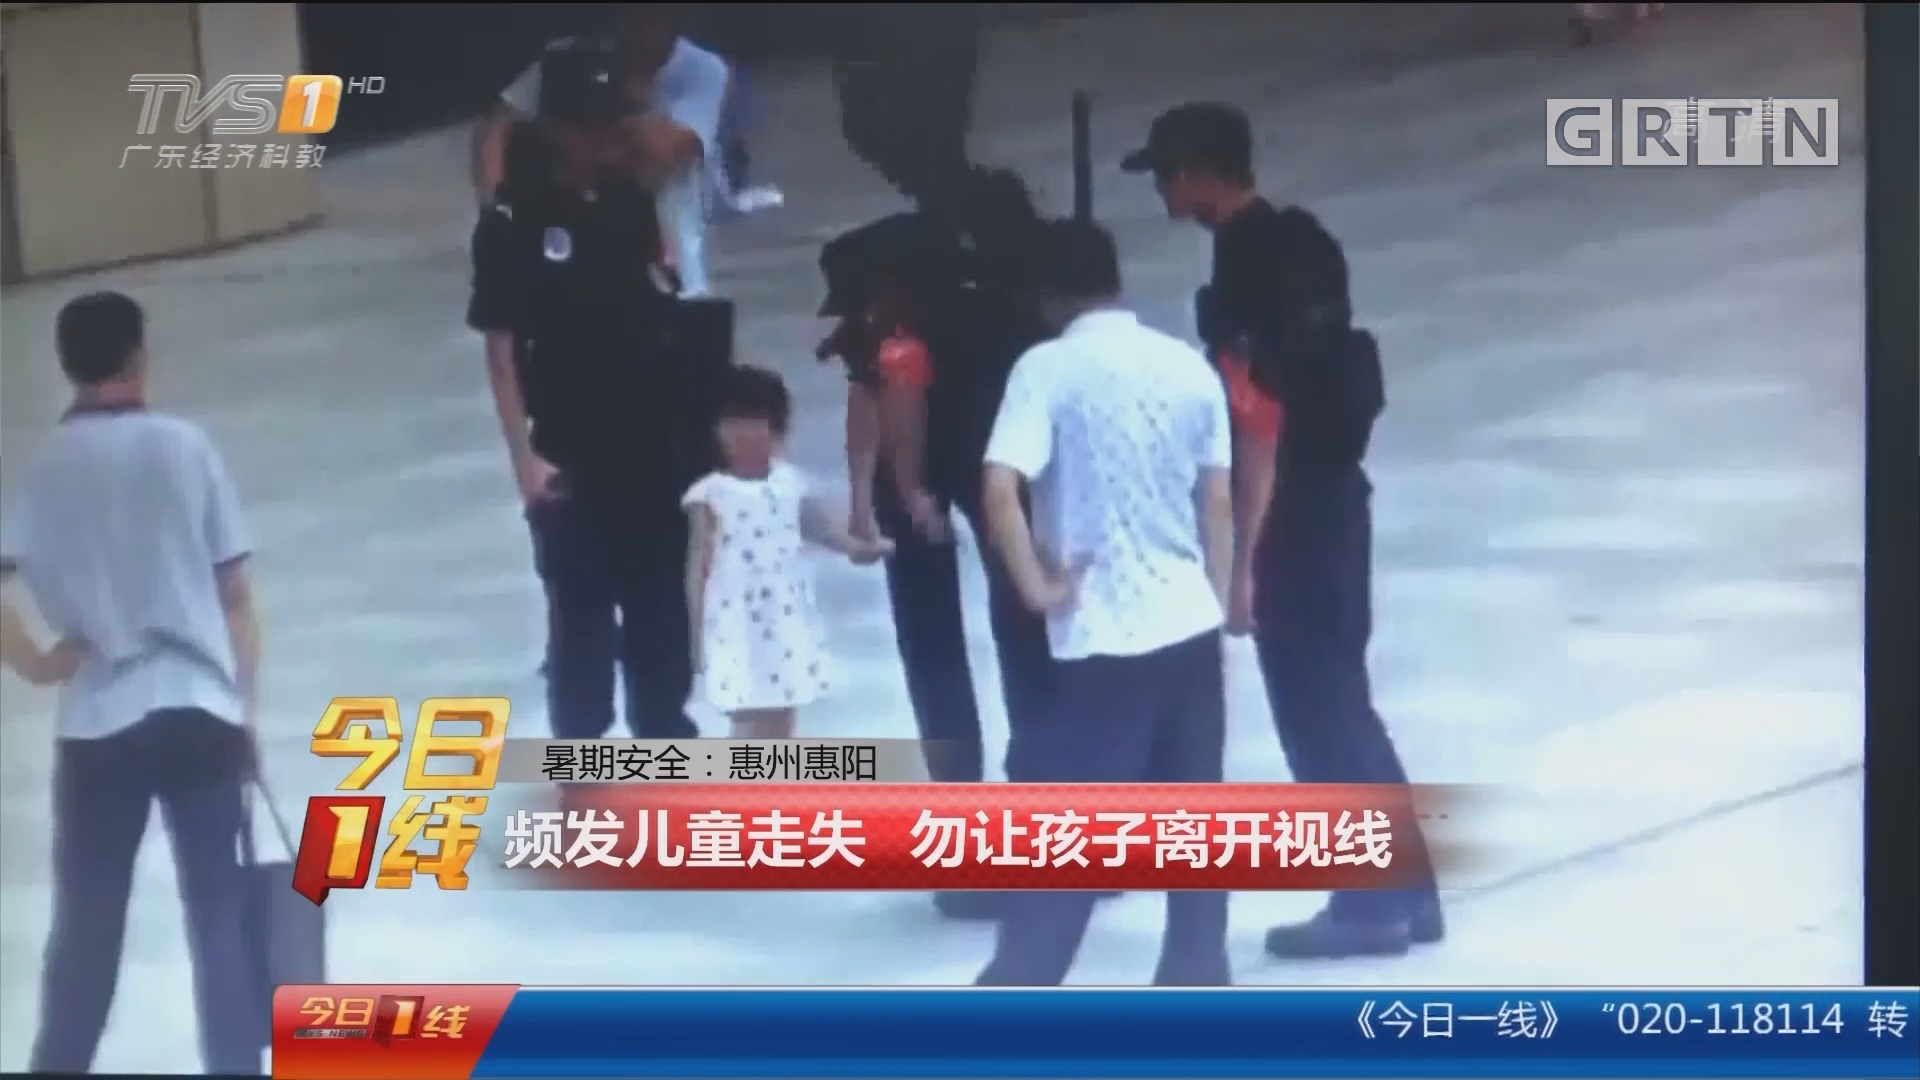 暑期安全:惠州惠阳 频发儿童走失 勿让孩子离开视线